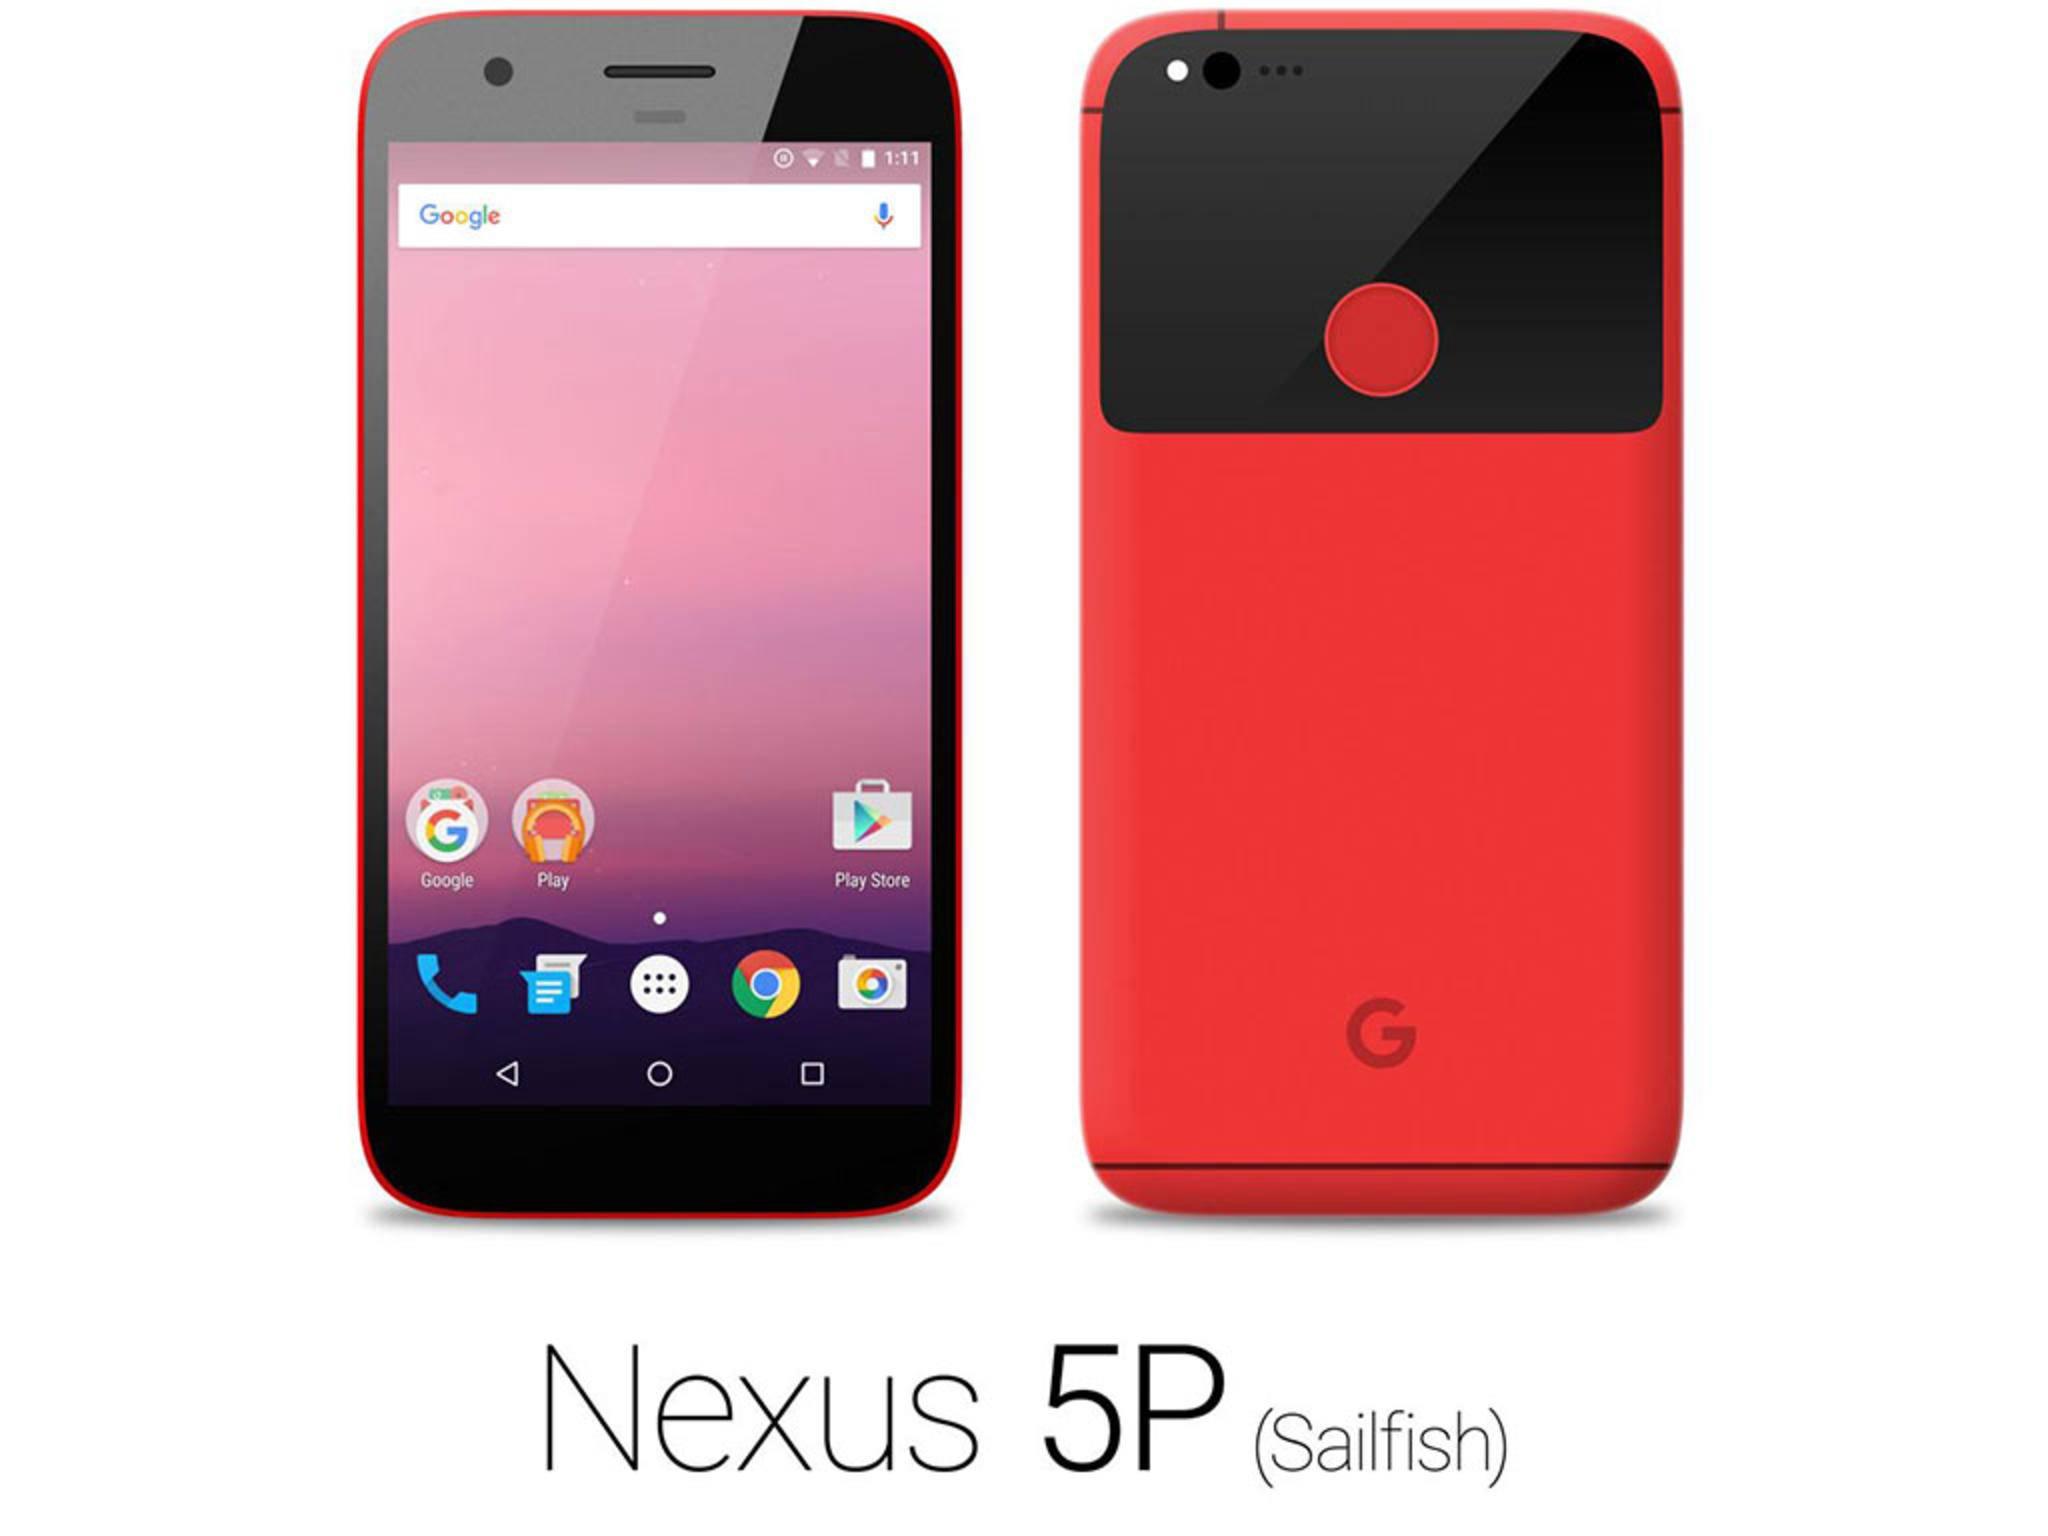 Erscheint das neue Nexus-Smartphone in einem knalligen Rot?